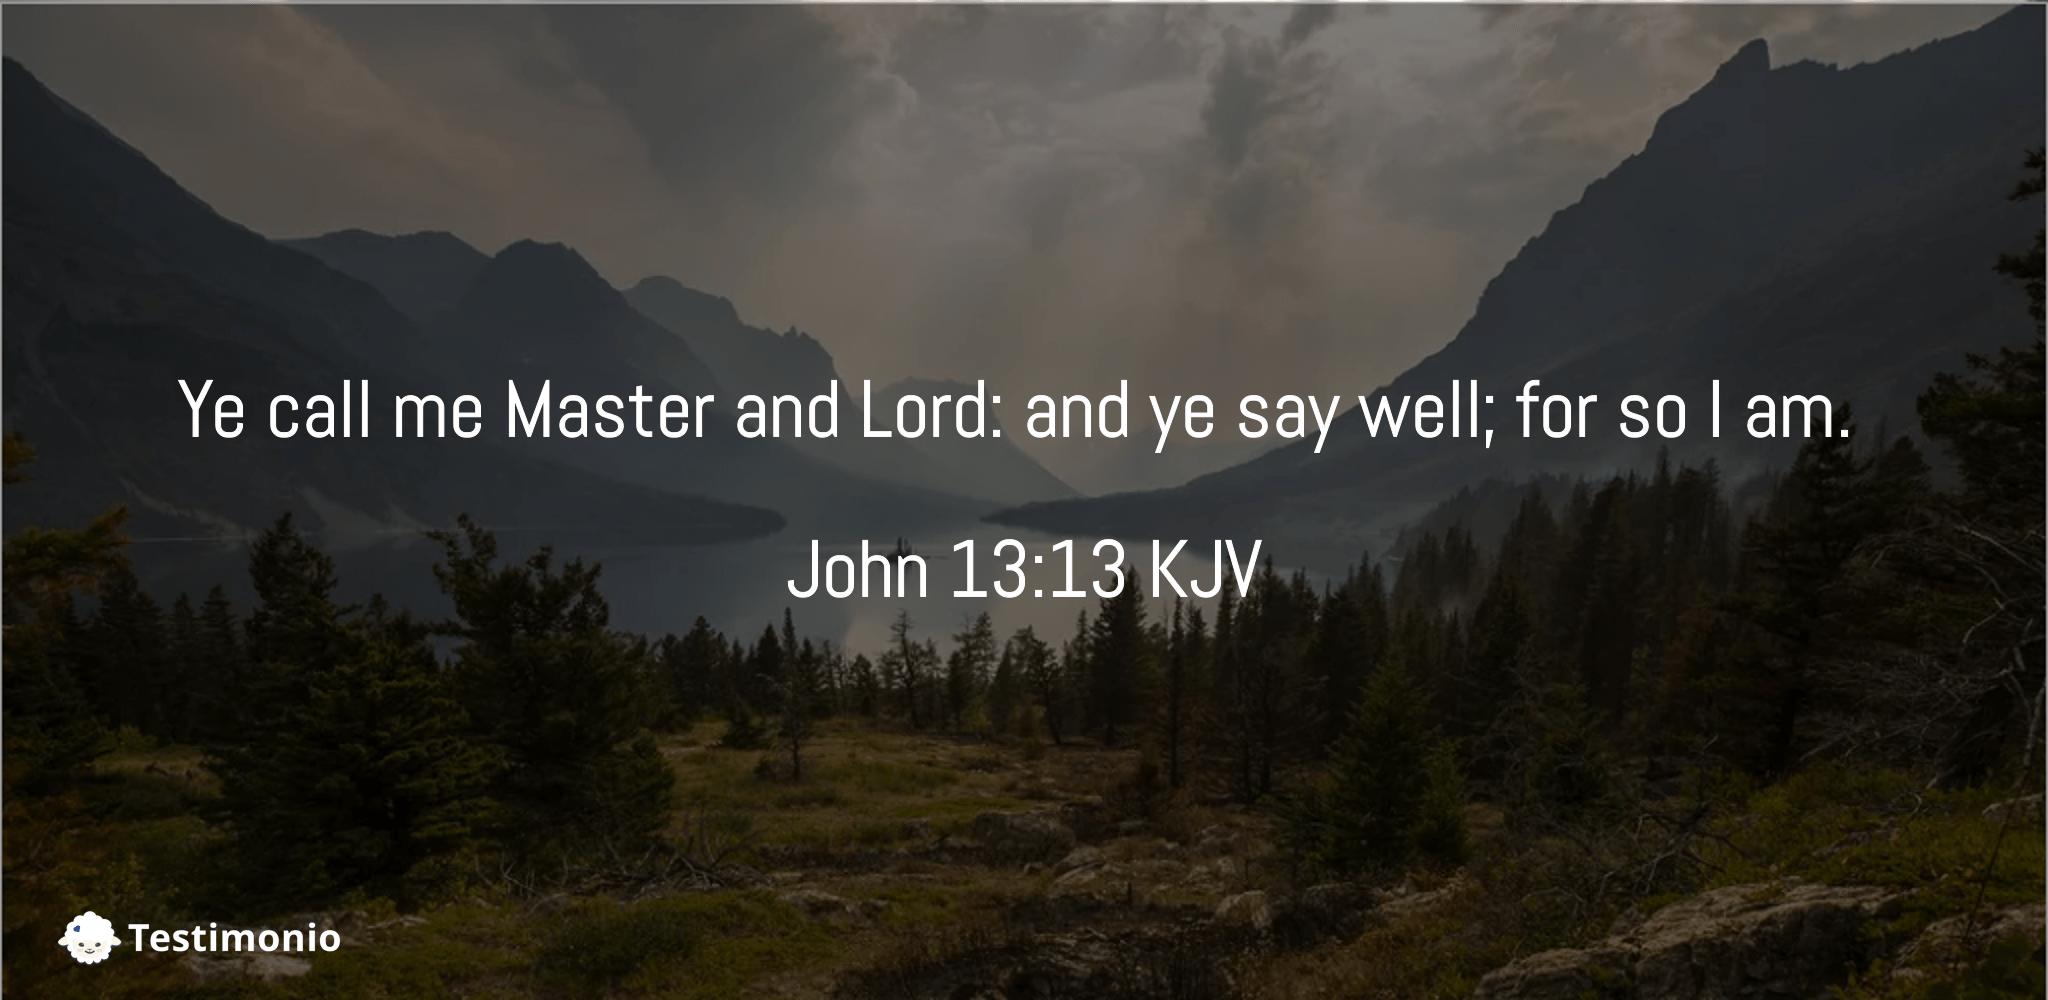 John 13:13